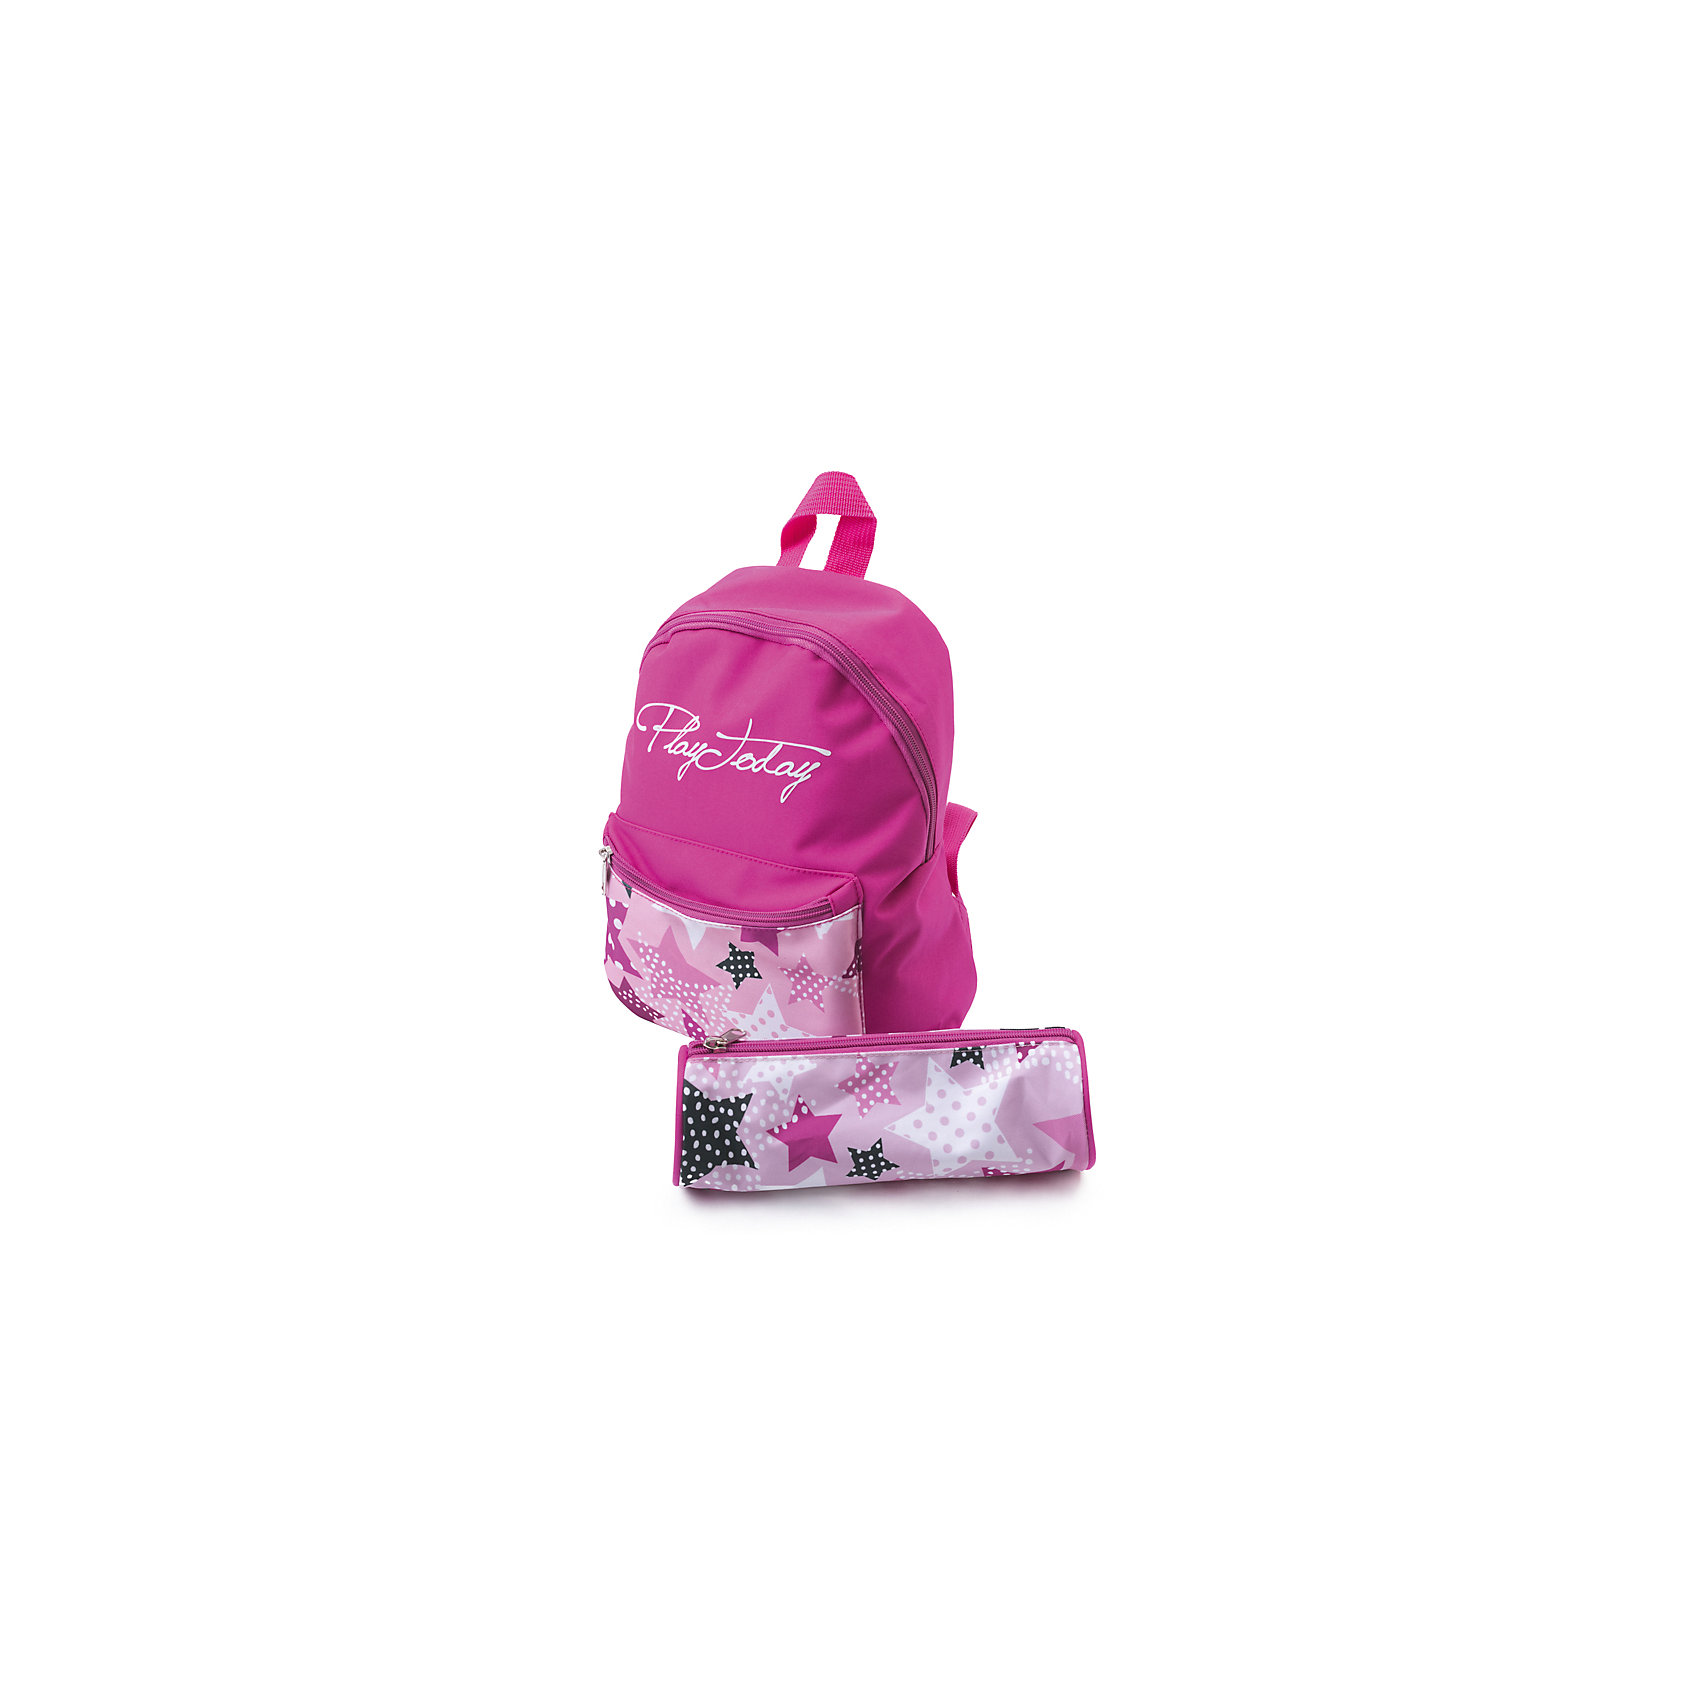 Сумка для девочки PlayTodayАксессуары<br>Характеристики товара:<br><br>• цвет: розовый<br>• состав: 100% полиэстер<br>• ручка<br>• декорирована принтом<br>• водоотталкивающая пропитка <br>• пенал в комплекте<br>• качественный материал<br>• стильный дизайн<br>• эргономичная спинка<br>• уплотненные анатомические лямки<br>• лямки регулируются<br>• комфортная посадка<br>• коллекция: весна-лето 2017<br>• страна бренда: Германия<br>• страна производства: Китай<br><br>Популярный бренд PlayToday выпустил новую коллекцию! Вещи из неё продолжают радовать покупателей удобством, стильным дизайном и продуманным кроем. Дети носят их с удовольствием. PlayToday - это линейка товаров, созданная специально для детей. Дизайнеры учитывают новые веяния моды и потребности детей. Порадуйте ребенка обновкой от проверенного производителя!<br>Этот рюкзак обеспечит ребенку комфорт благодаря качественному материалу и удобному крою. С его помощью можно сделать интересный акцент в образе, дополнить наряд и взять с собой нужные вещи. Очень модная вещь! Выглядит стильно и аккуратно.<br><br>Сумку для девочки от известного бренда PlayToday можно купить в нашем интернет-магазине.<br><br>Ширина мм: 170<br>Глубина мм: 157<br>Высота мм: 67<br>Вес г: 117<br>Цвет: белый<br>Возраст от месяцев: 60<br>Возраст до месяцев: 144<br>Пол: Женский<br>Возраст: Детский<br>Размер: one size<br>SKU: 5404752